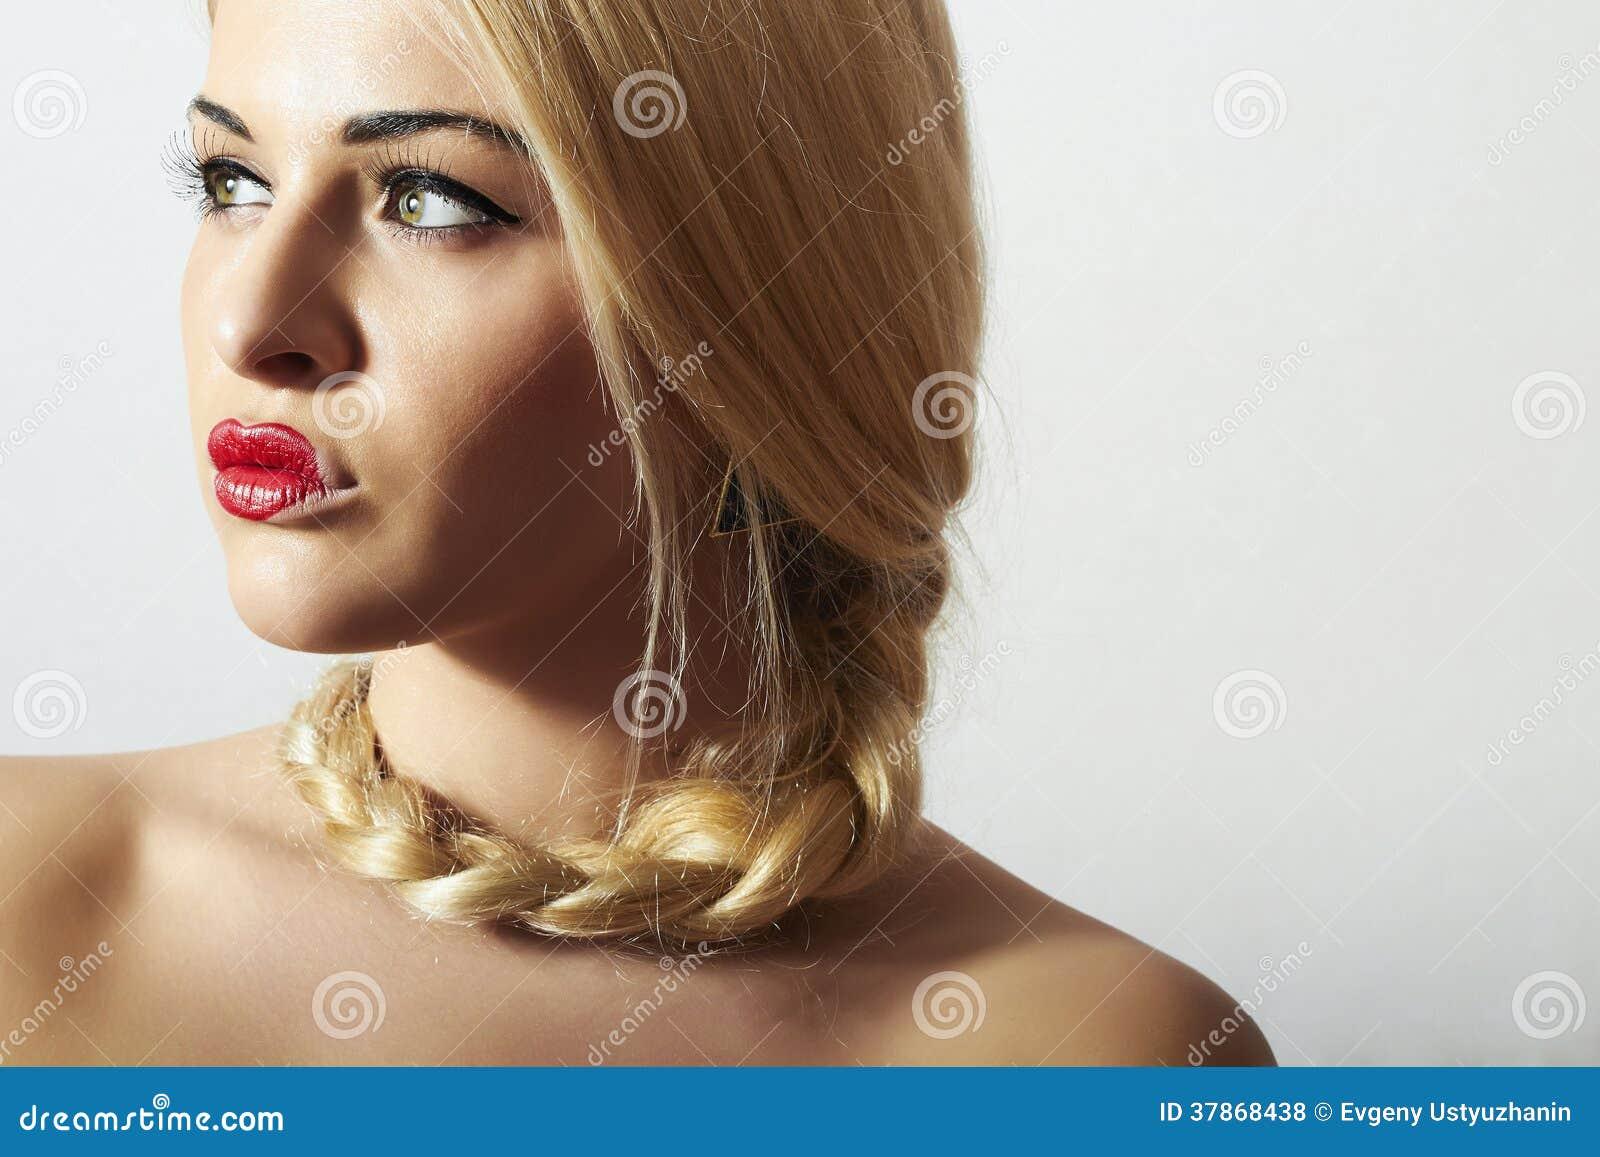 有Tress.Beauty红色性感的Lips.Valentines Day.Professional构成的美丽的白肤金发的妇女。有心脏的离经叛道之人的女孩在嘴唇